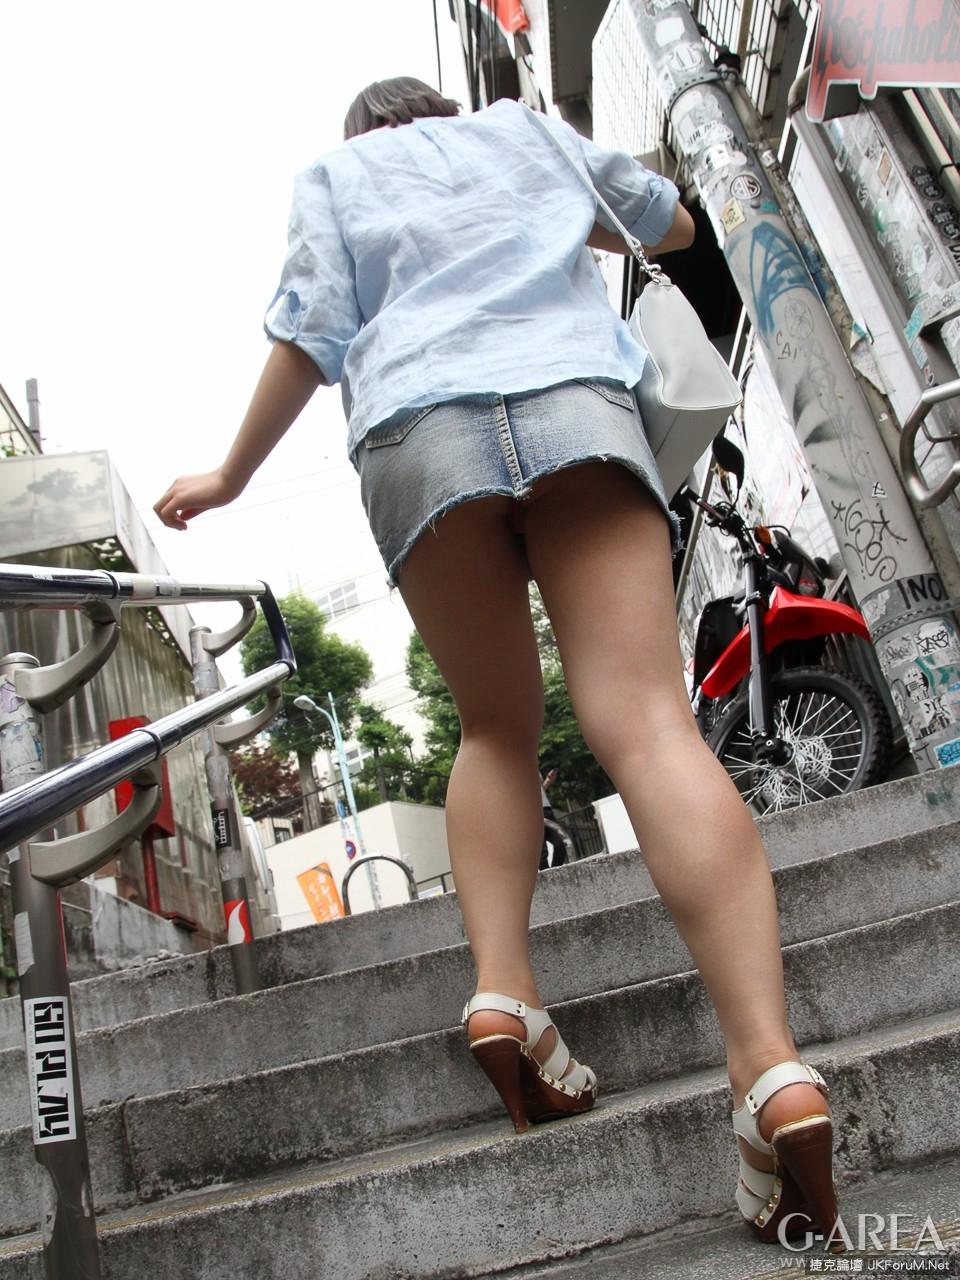 pg_531hibiki002.jpg